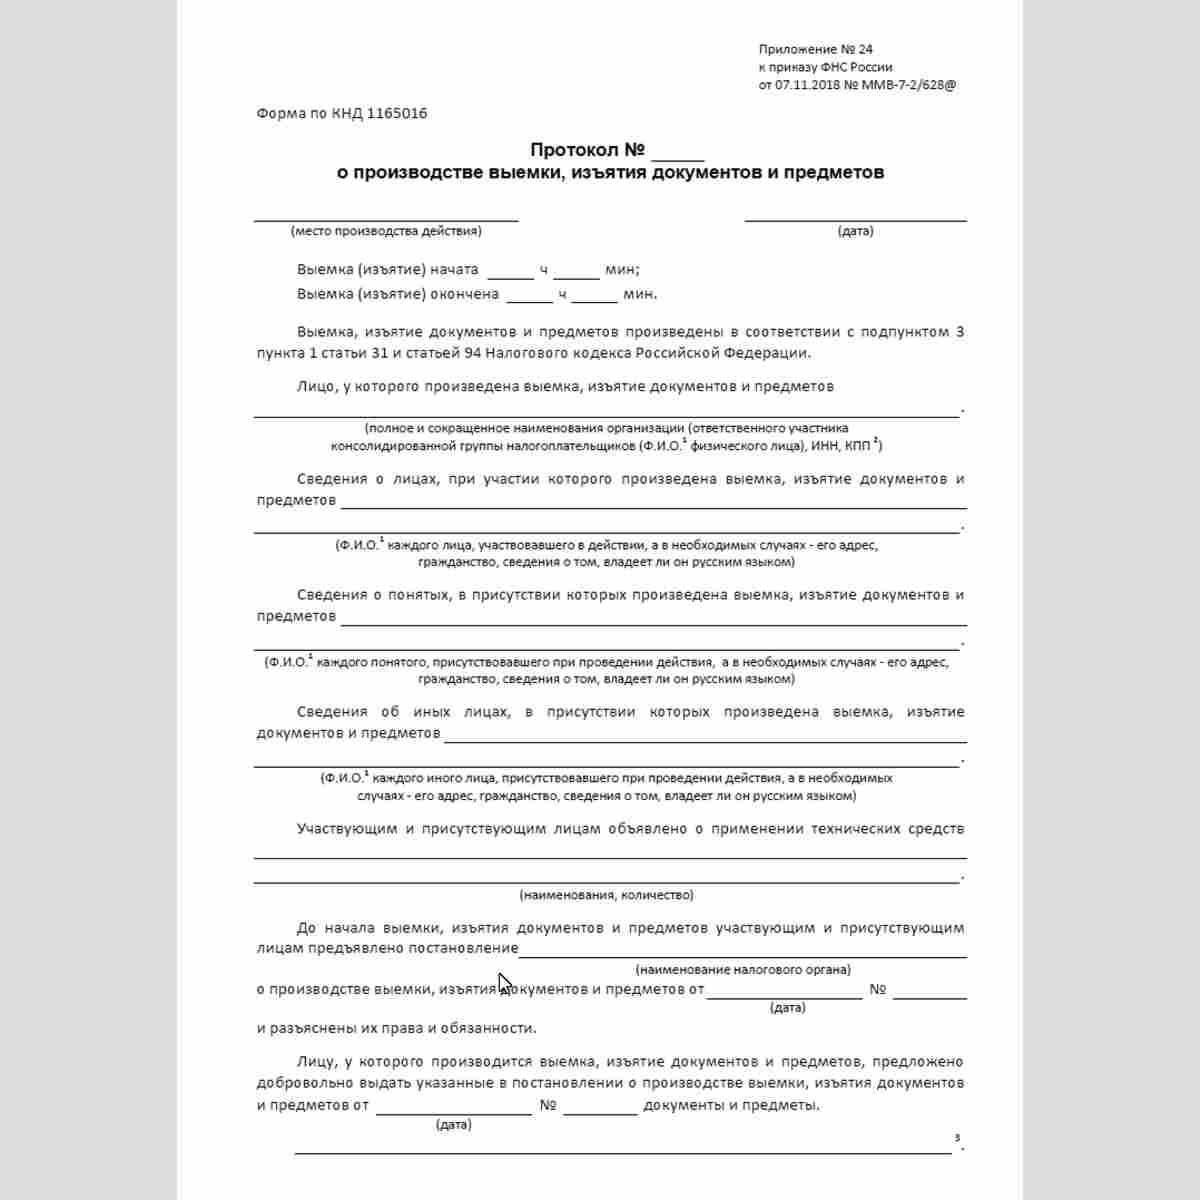 """Форма КНД 1165016 """"Протокол о производстве выемки, изъятия документов и предметов"""". Стр. 1"""